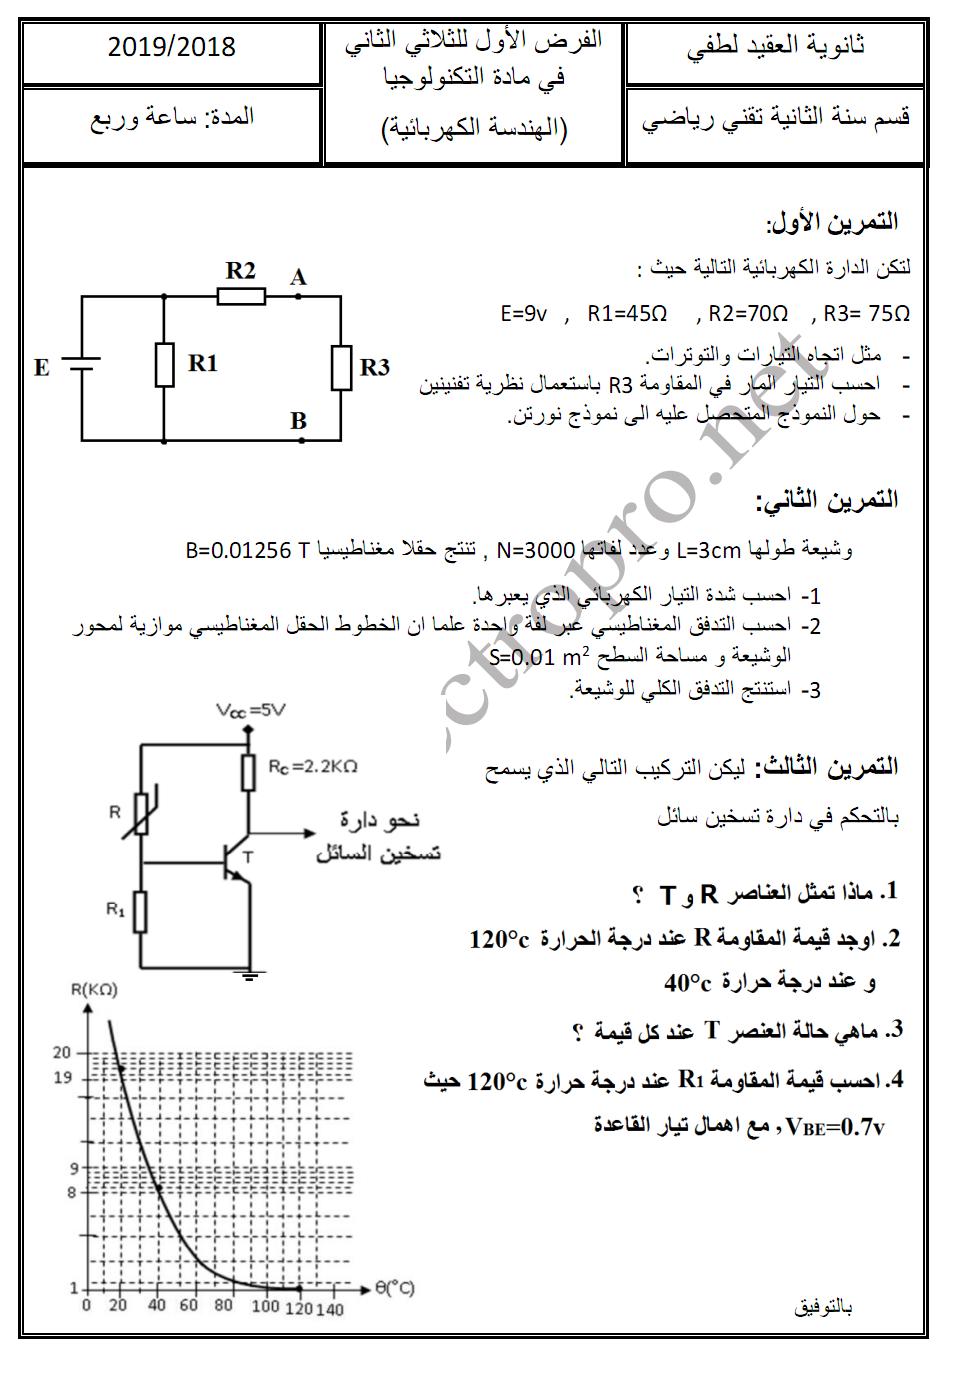 فرض الاول للفصل الثاني هندسة كهربائية للسنة الثانية